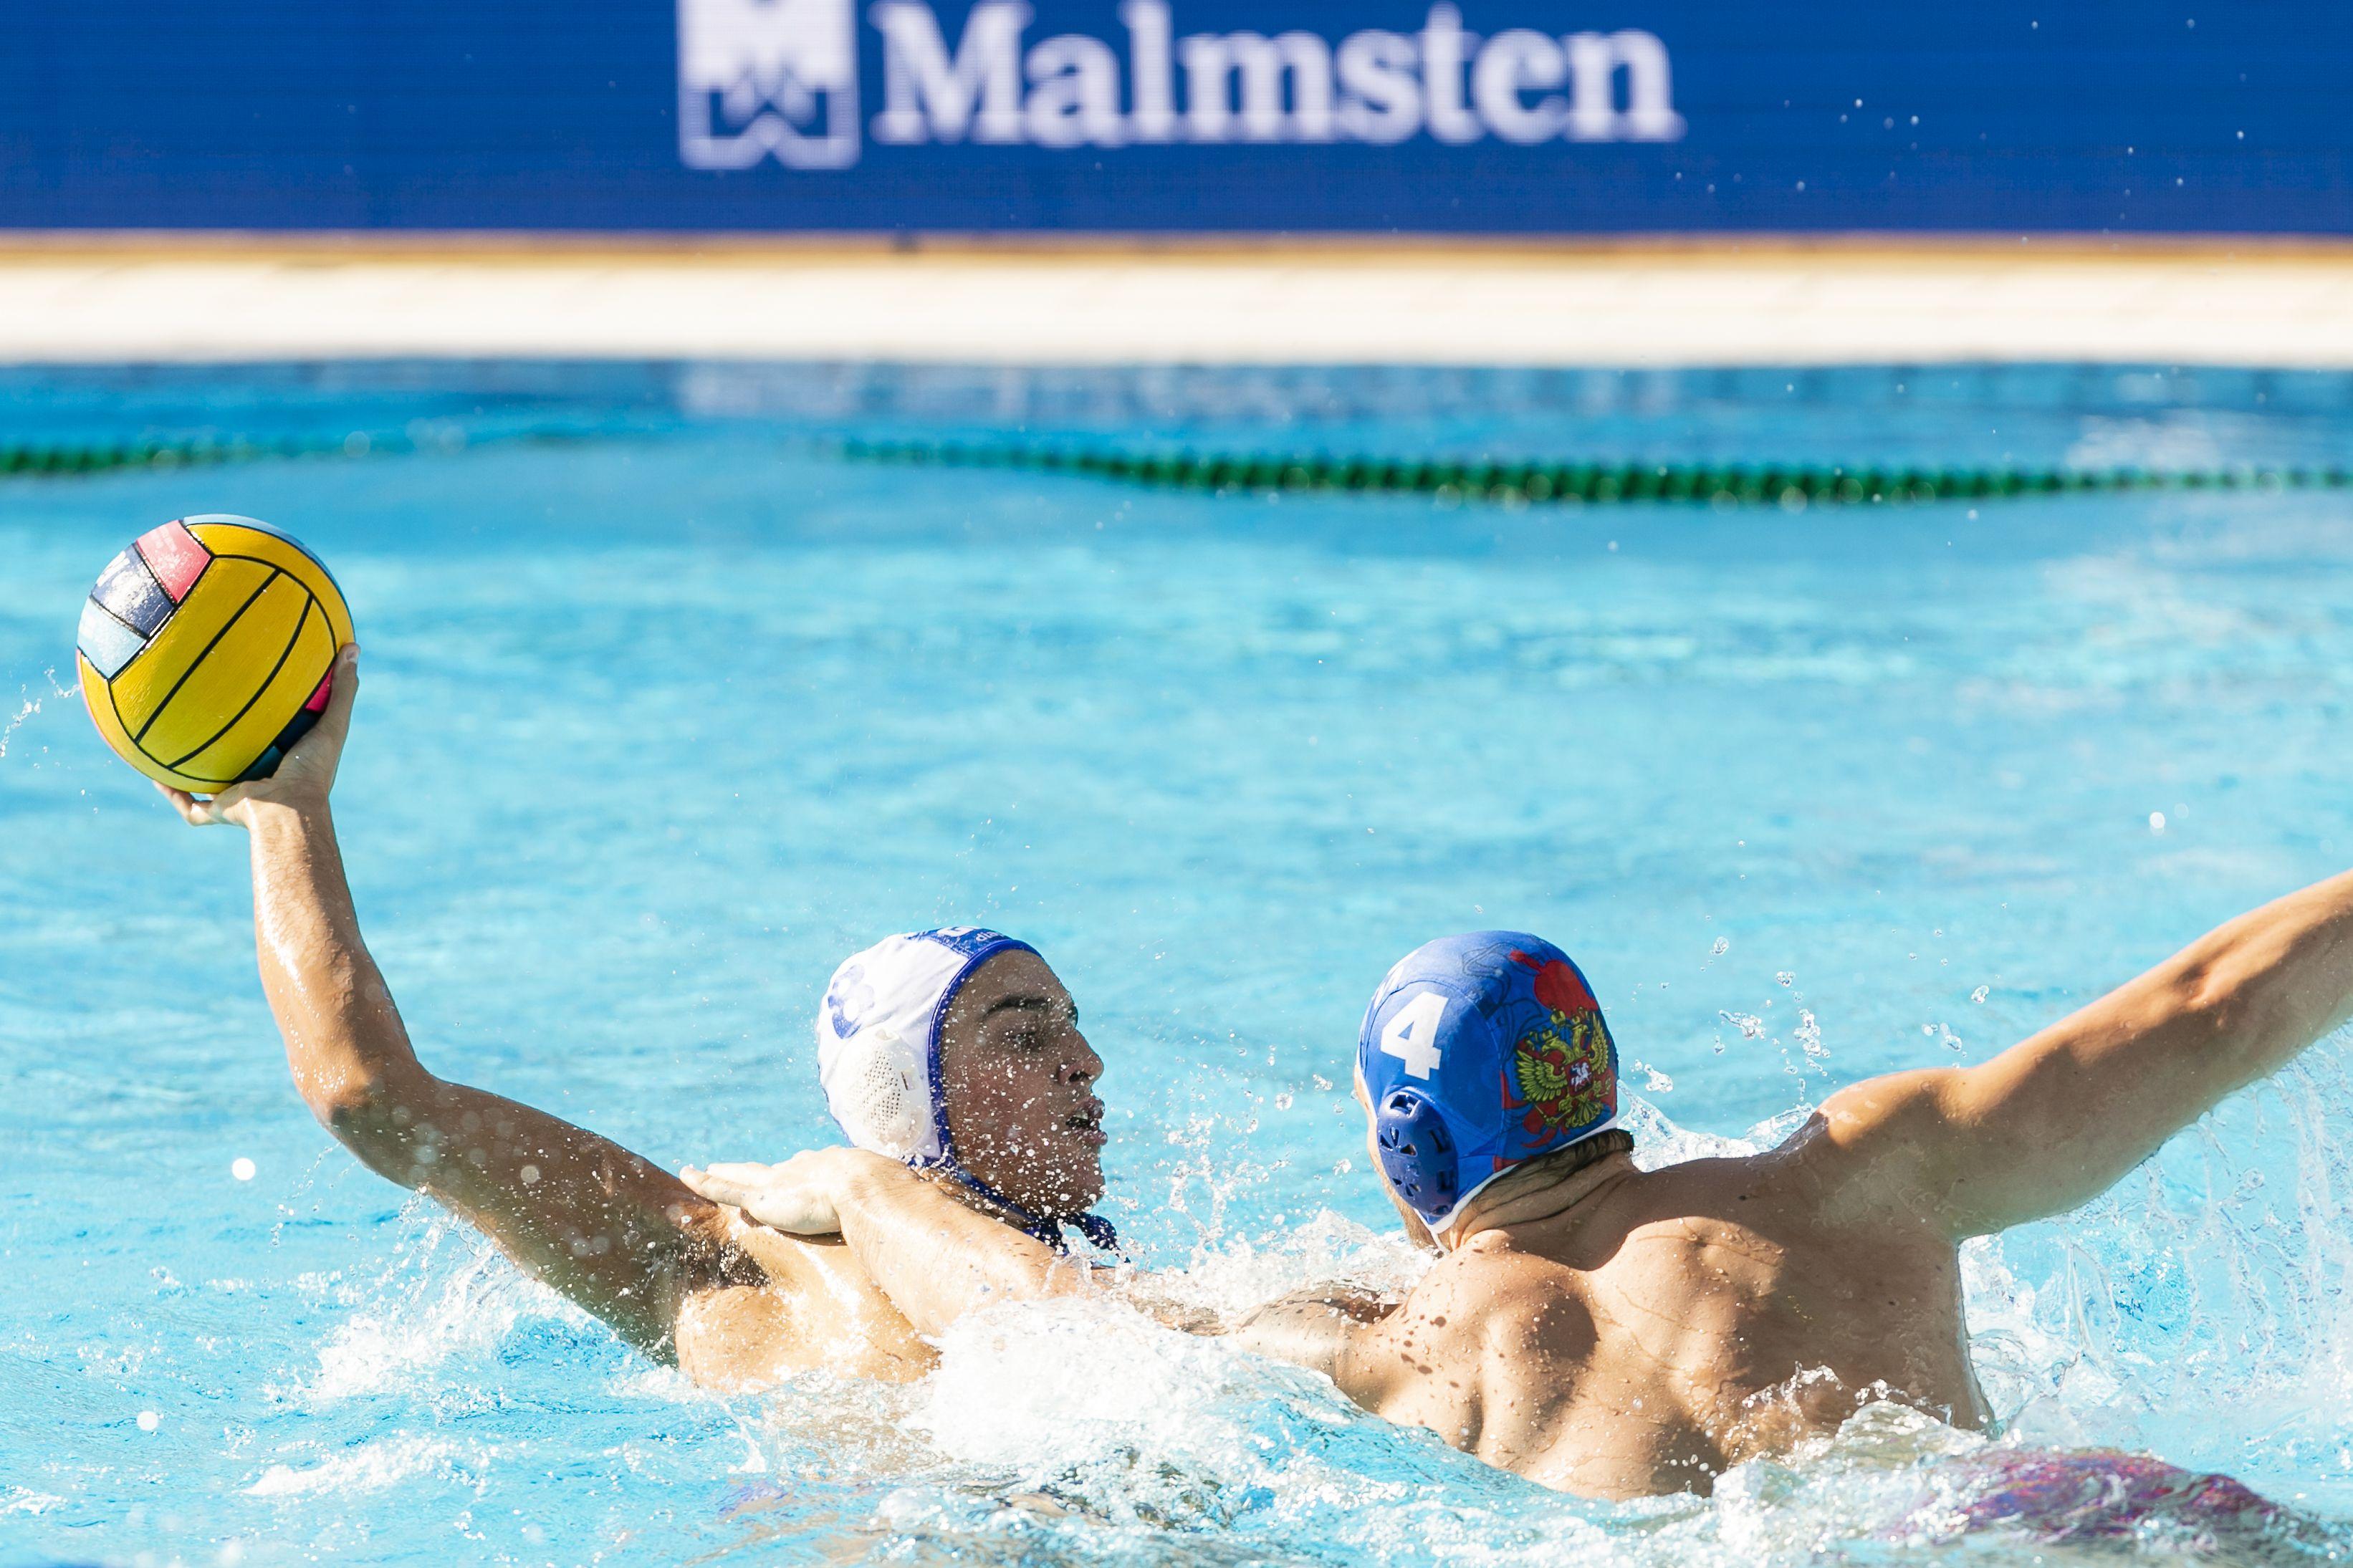 Сборная России по водному полу после тестирования на коронавирус допущена до отбора на Олимпиаду